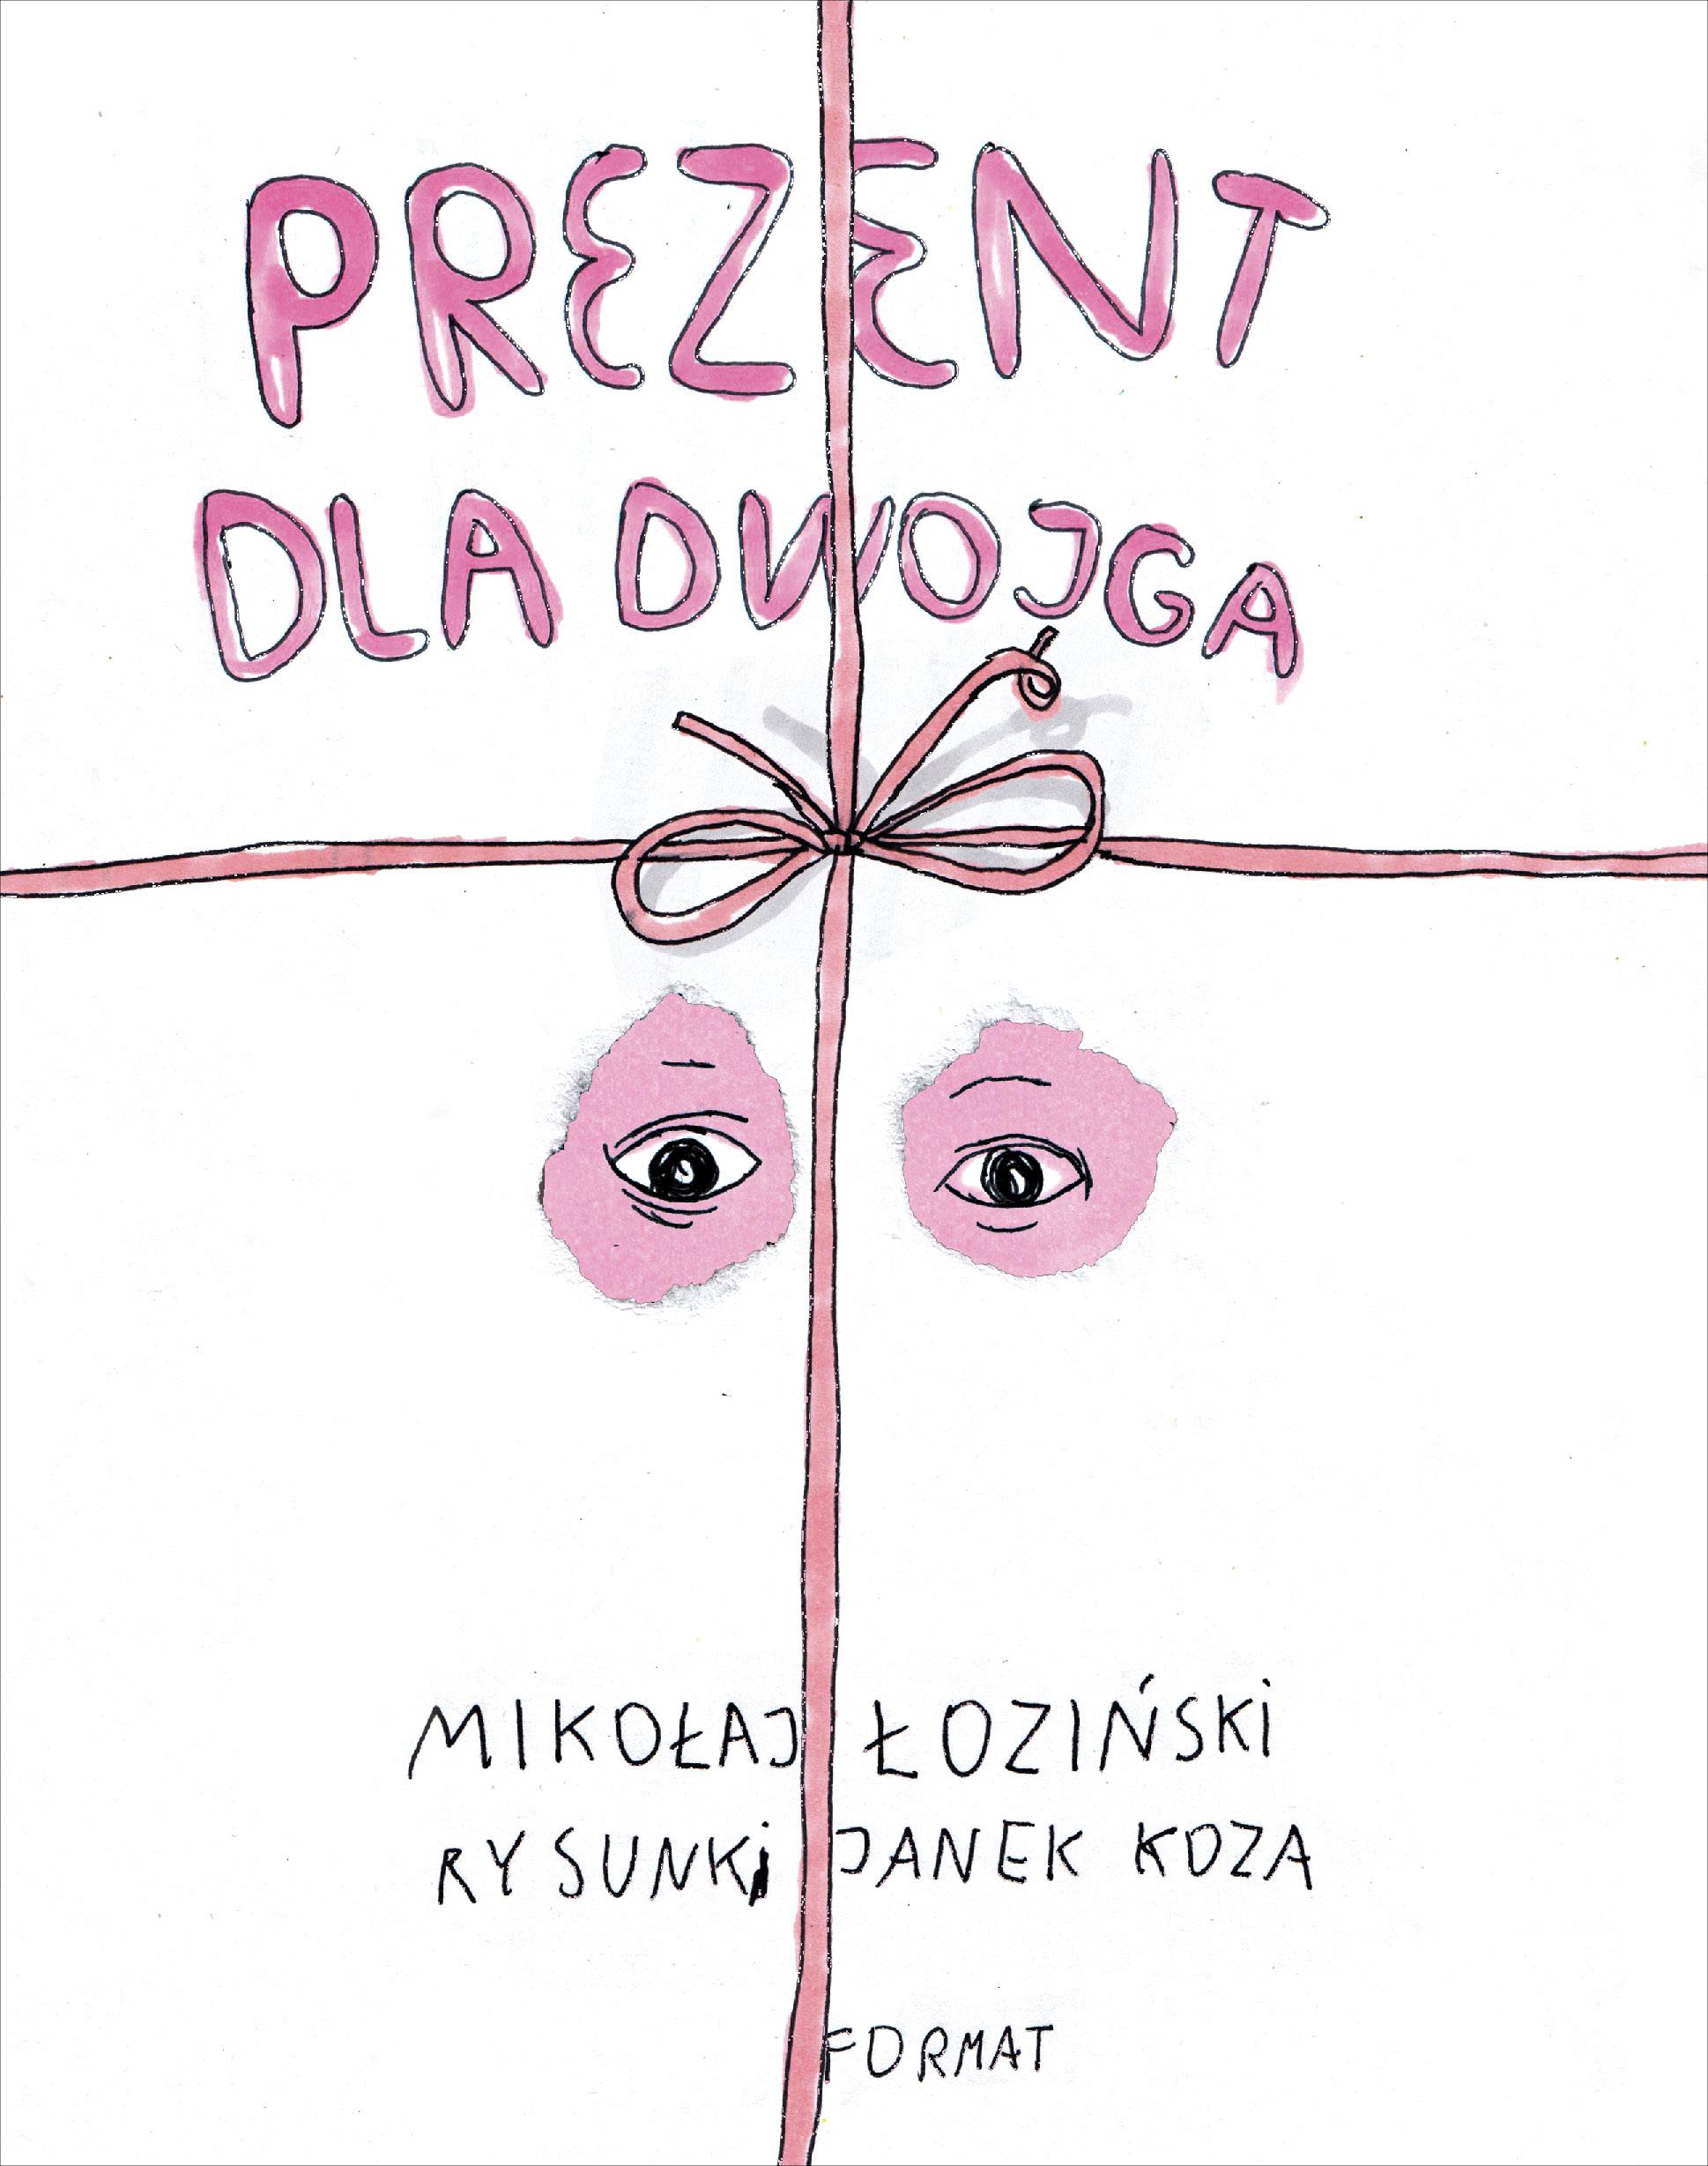 Prezent dla dwojga, Mikołaj Łodziński